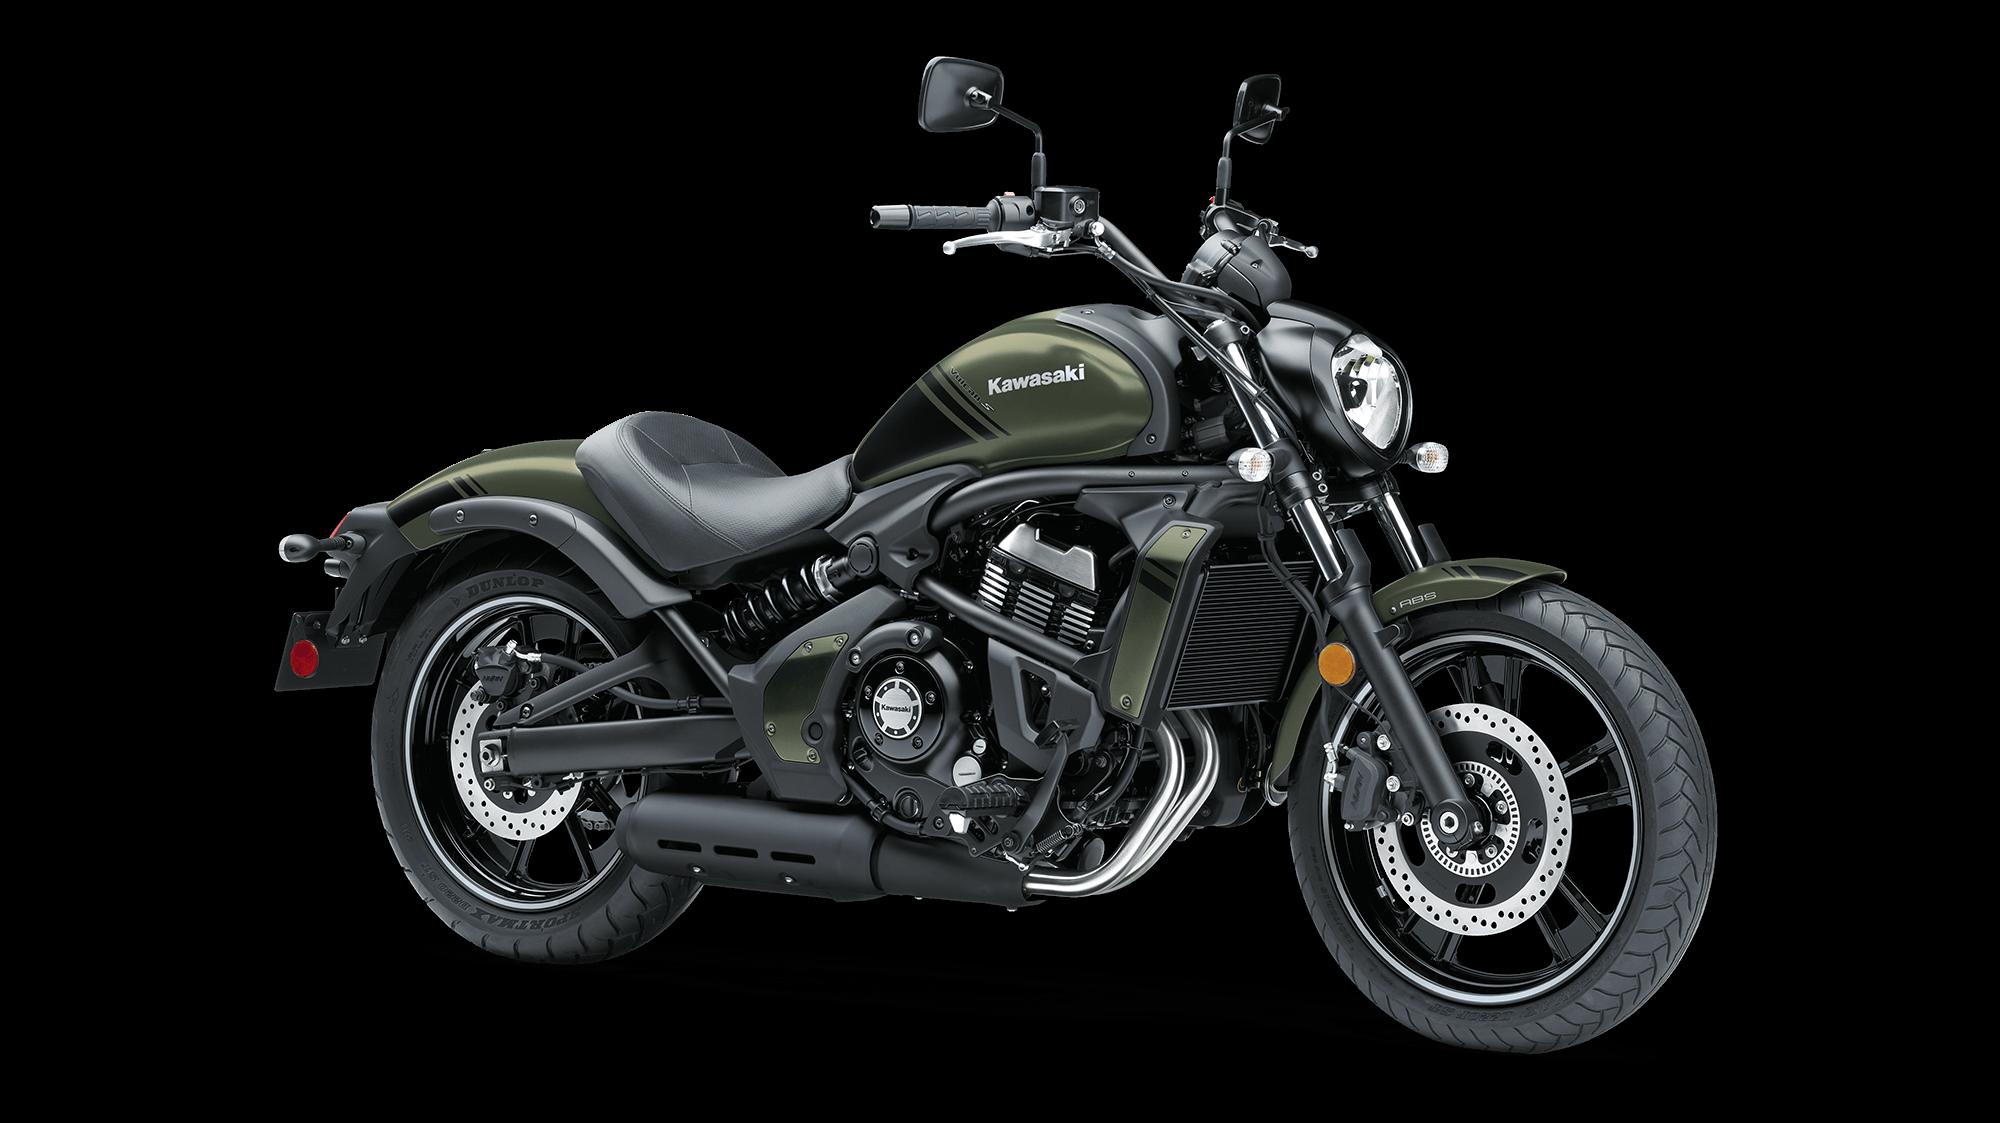 2019 Vulcan S Abs Vulcan Motorcycle By Kawasaki